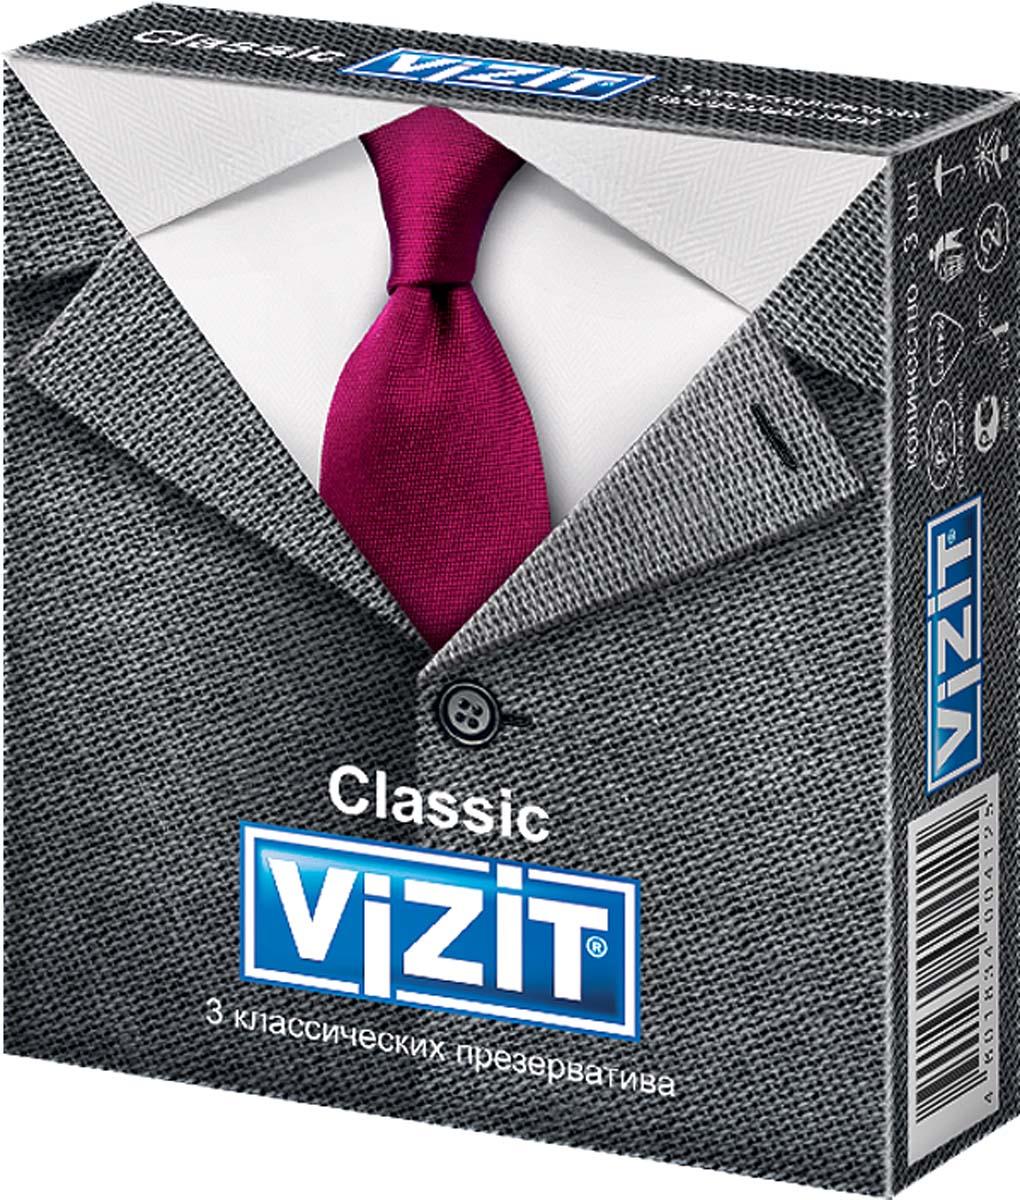 VIZIT Презервативы Classic, классические, 3 шт презервативы contex classic 18 шт